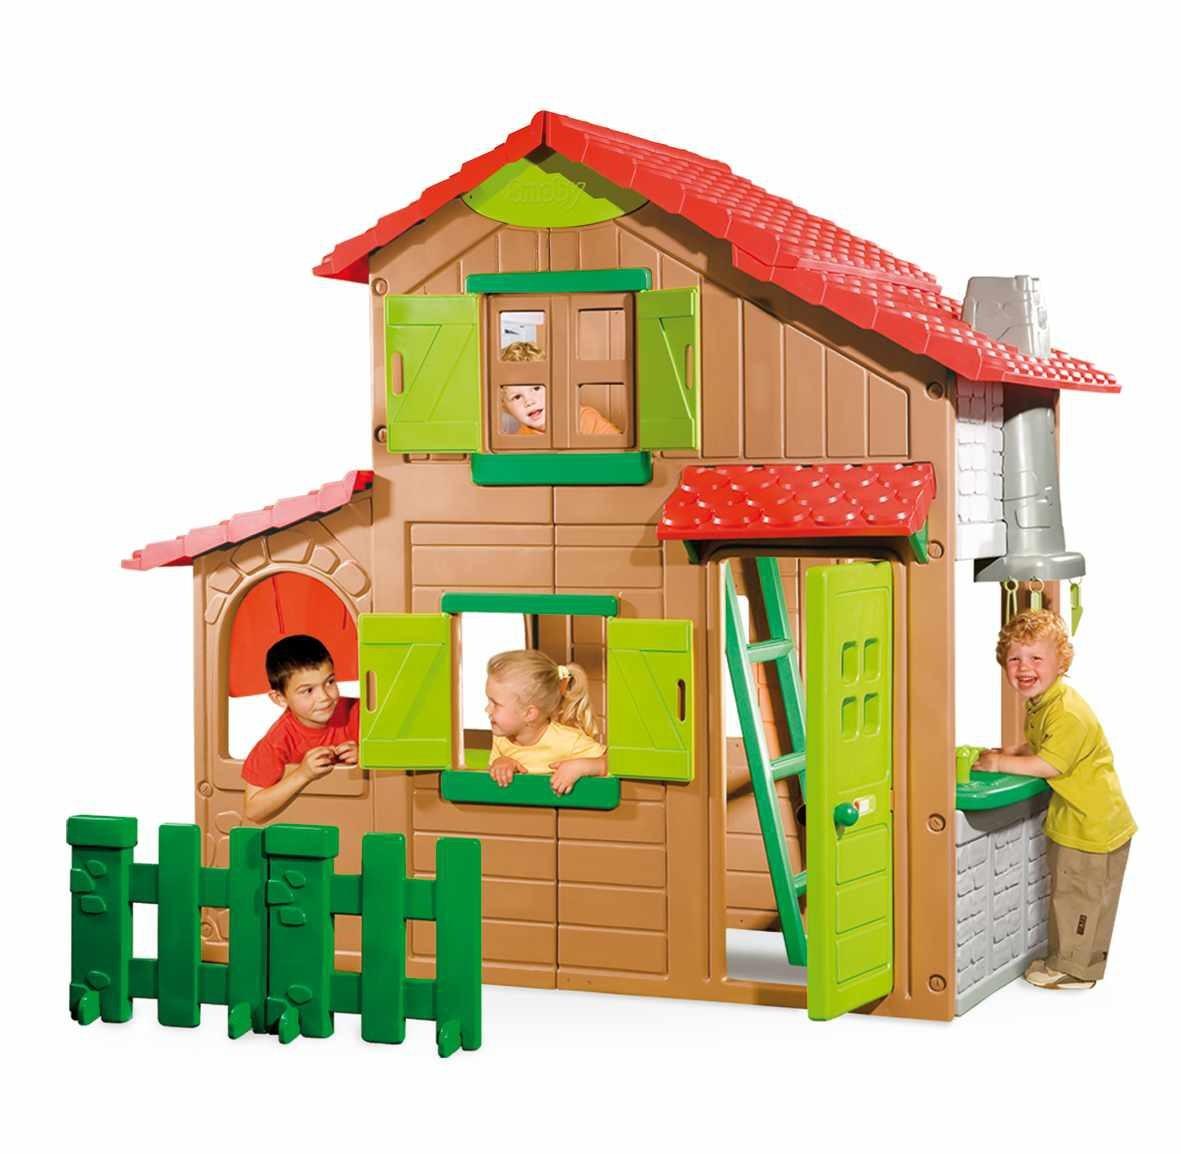 SMOBY 320020 Domček Duplex 2 poschodia so zvončekom so 6 doplnkami a s UV filtrom 204 cm vysoký